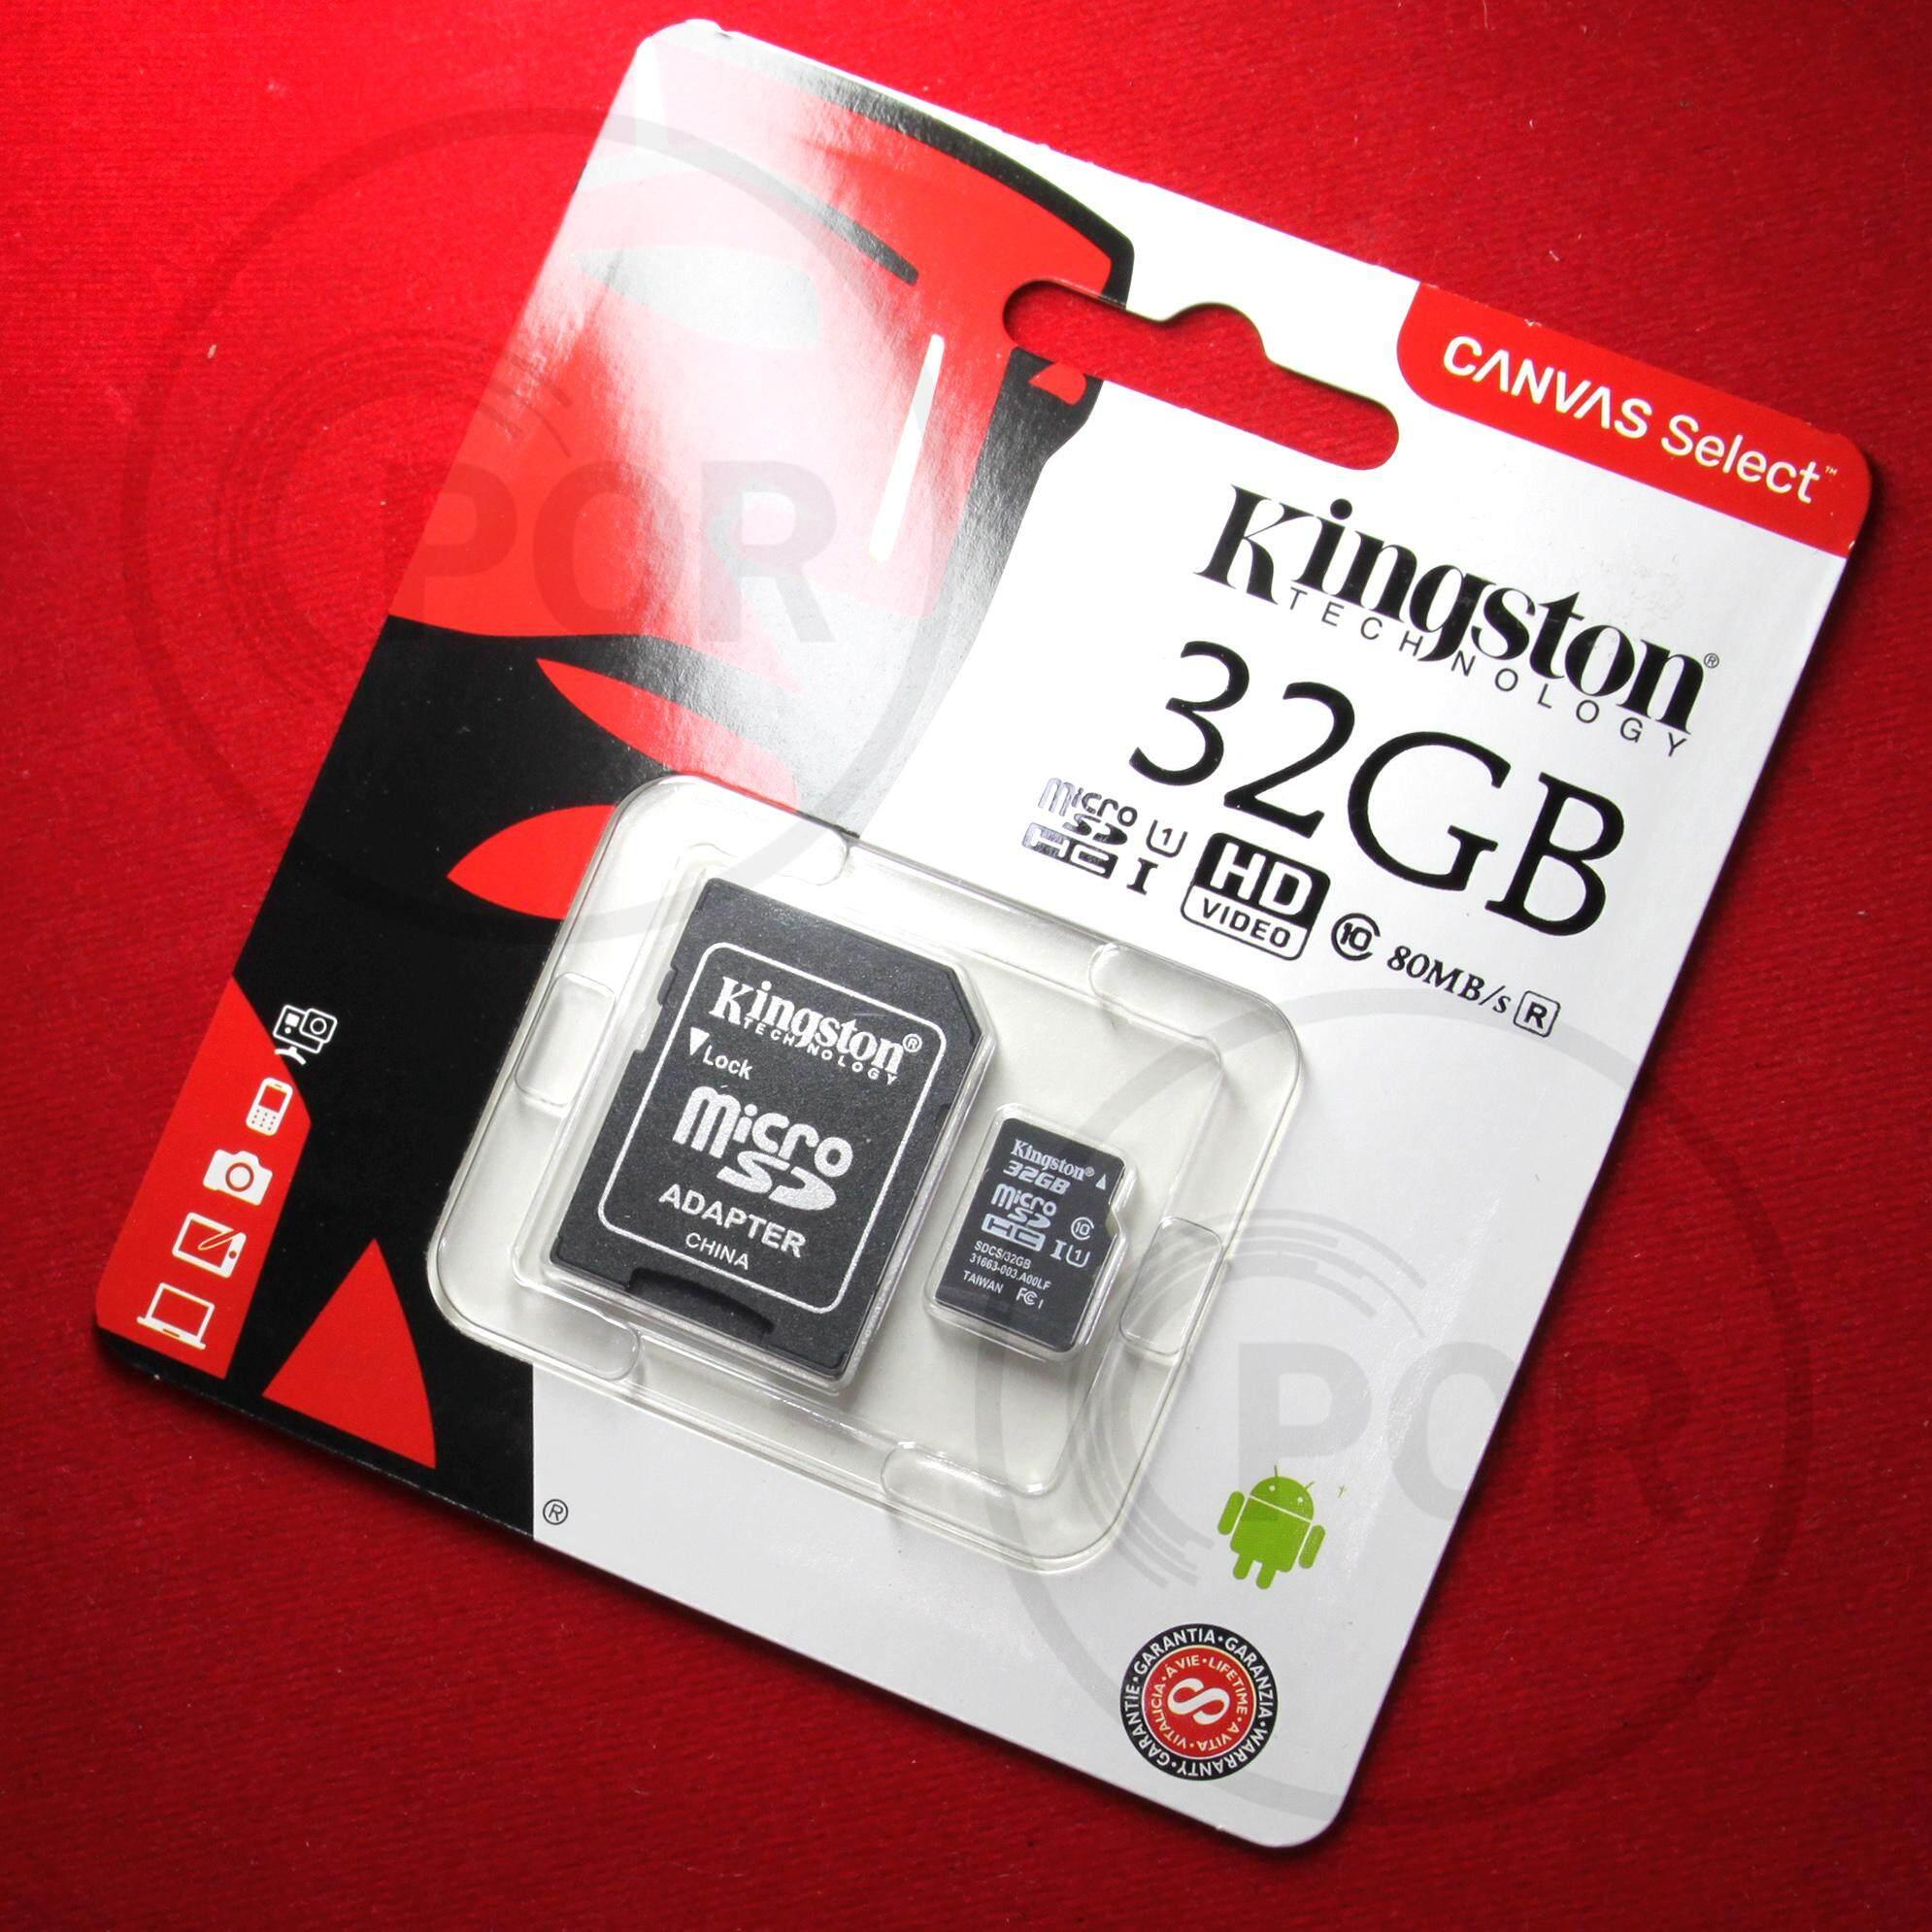 [[[[ของแท้]]]] Kingston 32GB   Kingston Memory Card Micro SD SDHC 32 GB Class 10 คิงส์ตัน เมมโมรี่การ์ด 32 GB